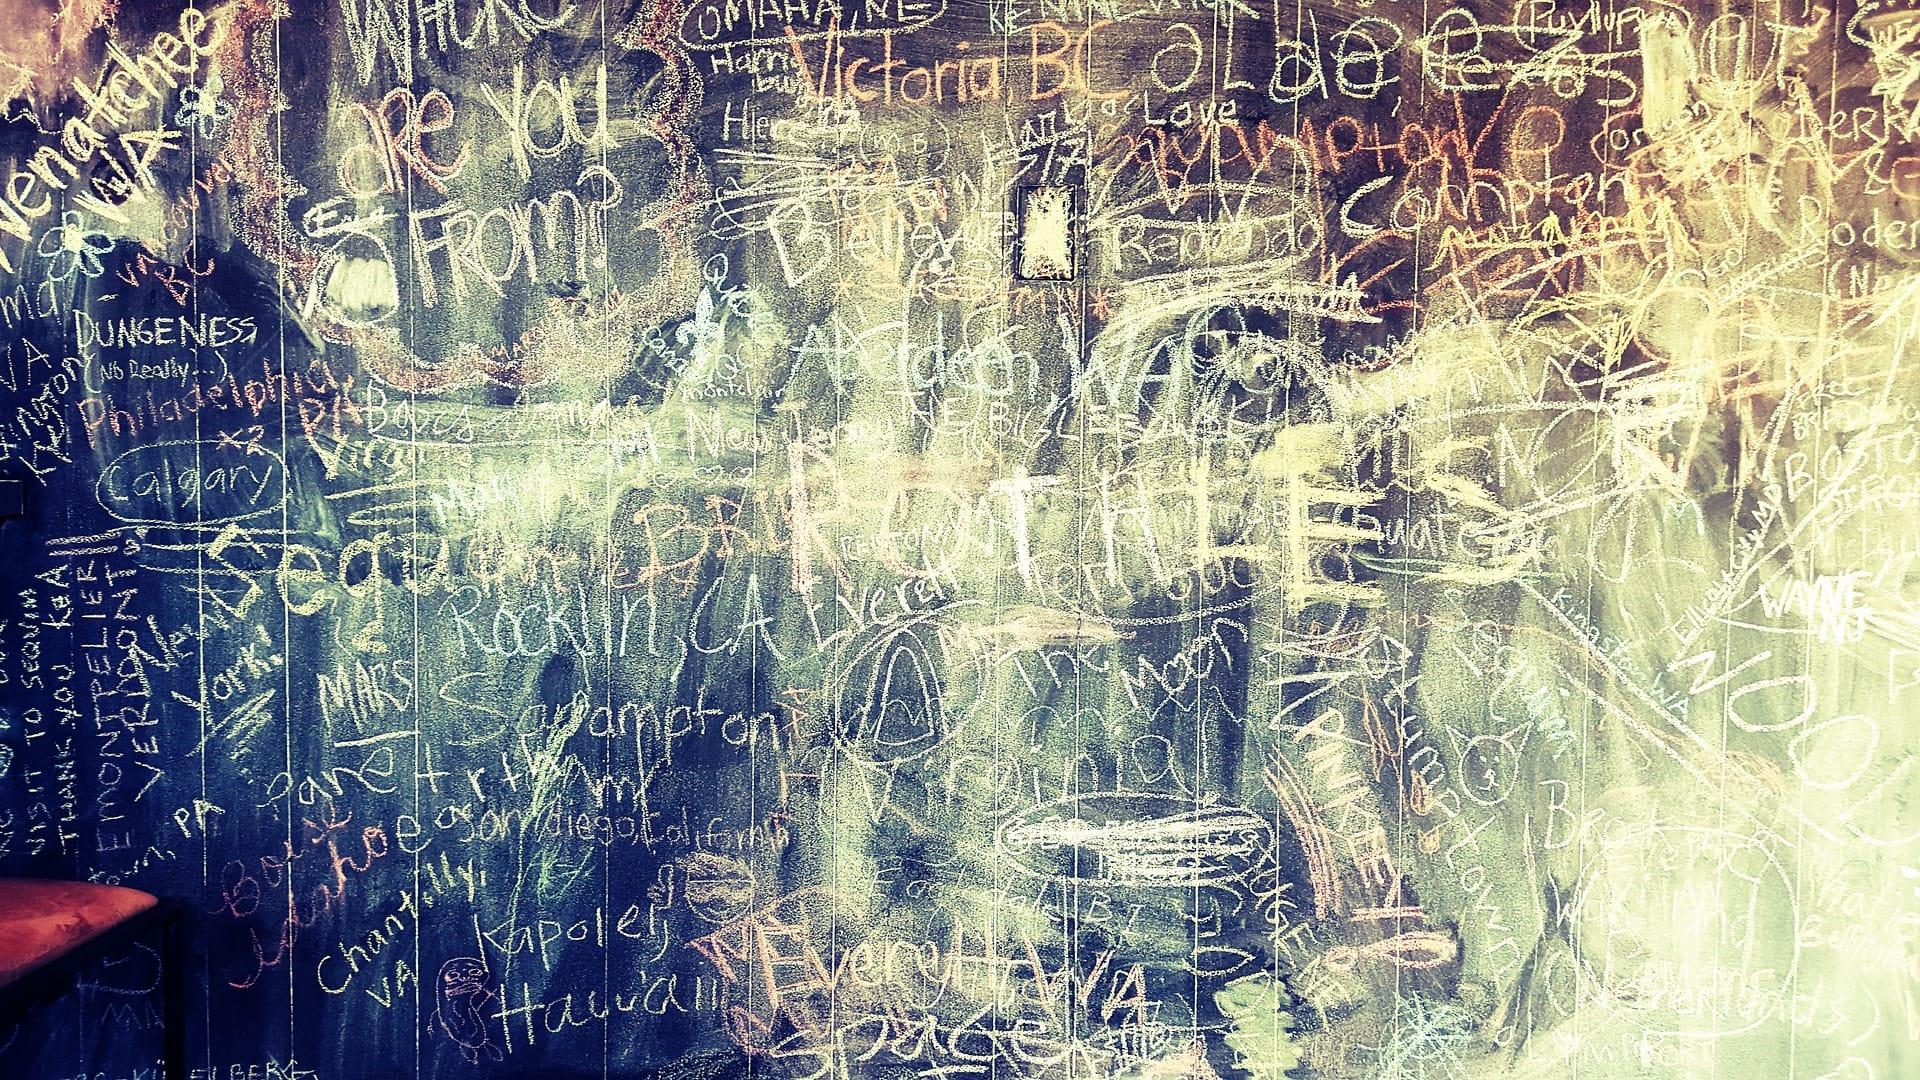 黒板塗料でお家をおしゃれなカフェ風にDIY!アレンジアイデア4選